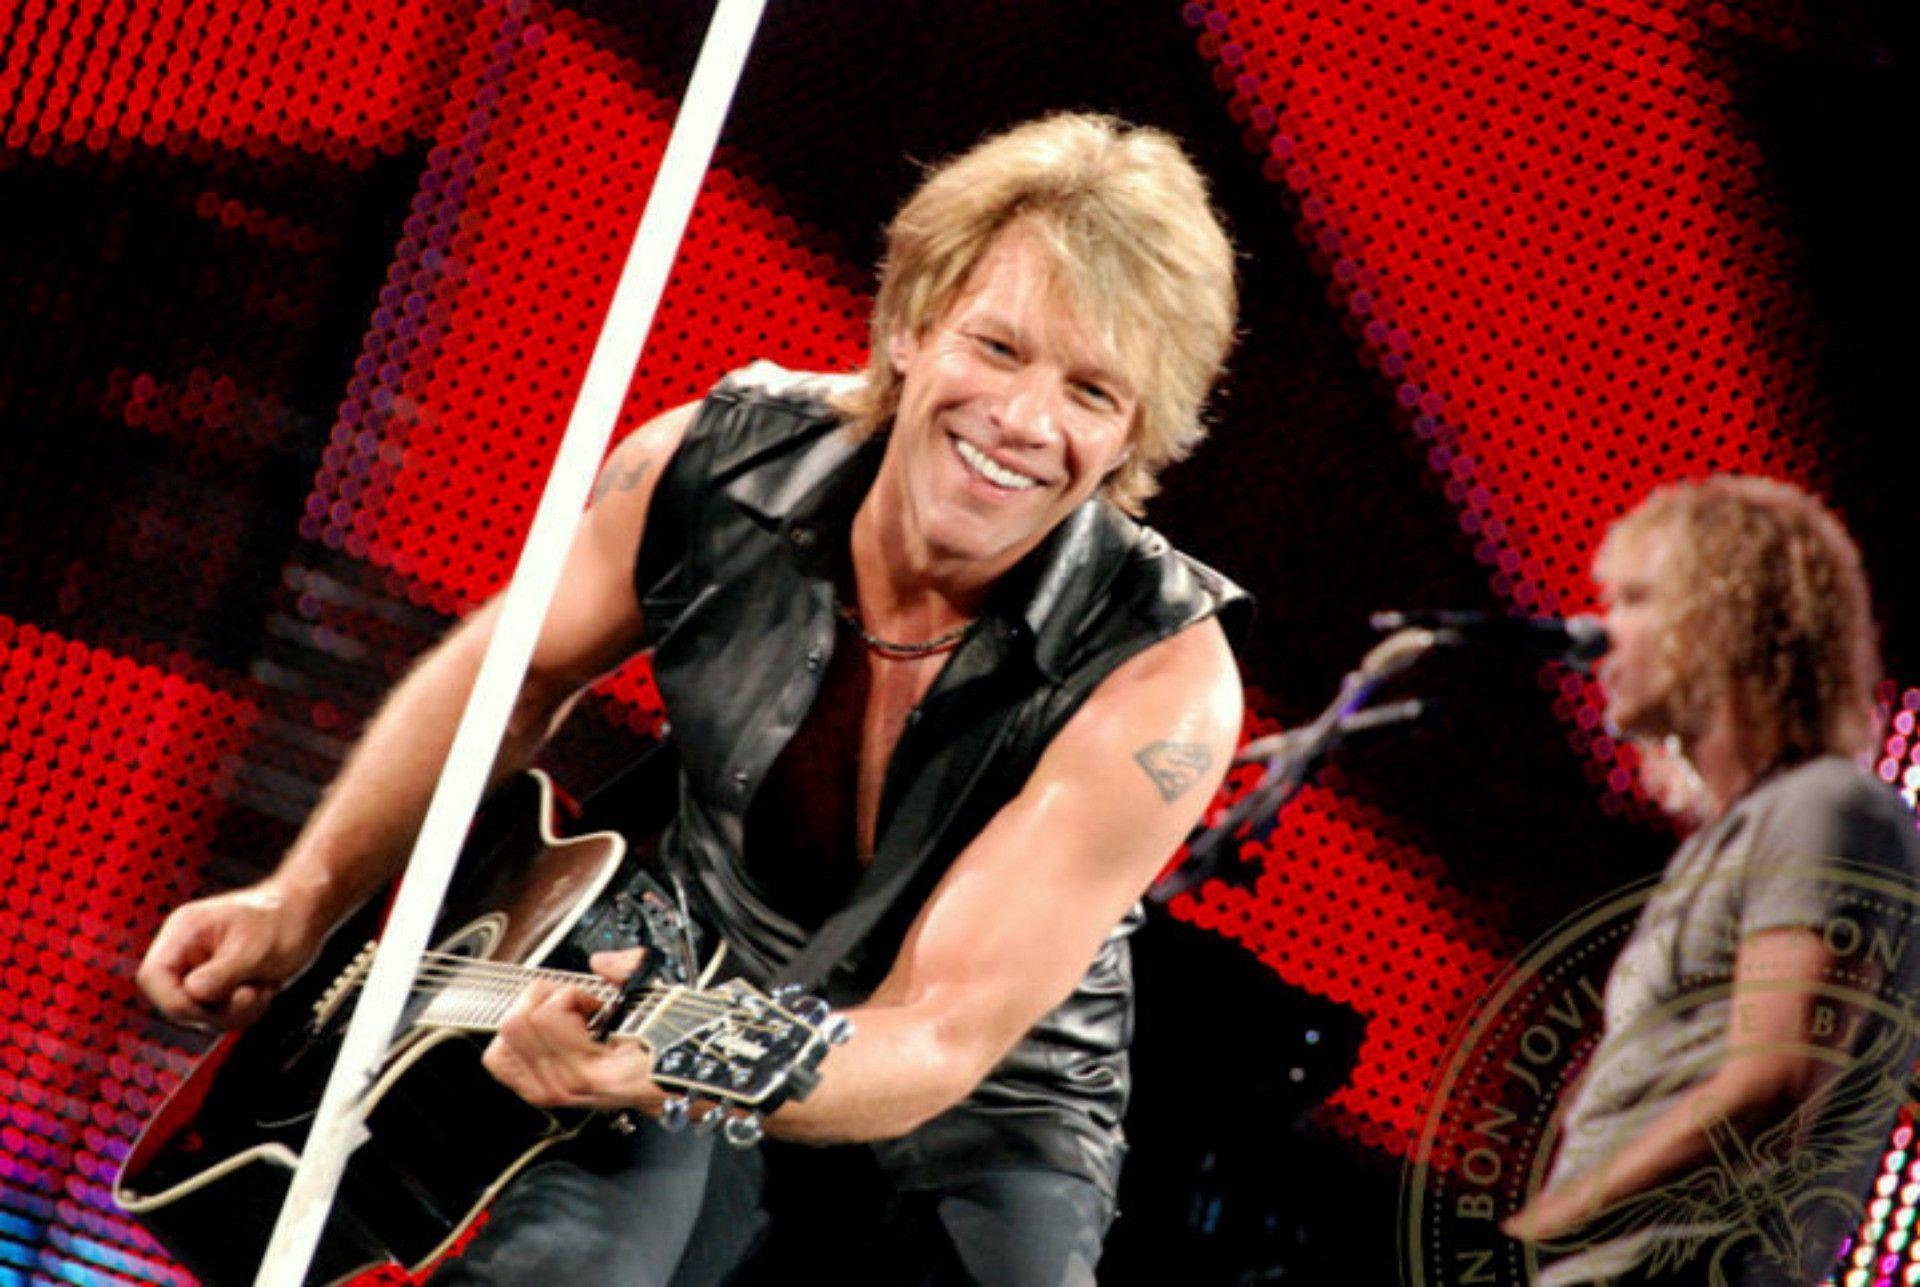 Bon Jovi Wallpaper Free Jon Bon Jovi Wallpaper Desktop Wallpapers Top Wallpaper Jon Bon Jovi Bon Jovi Bon Jovi Concert